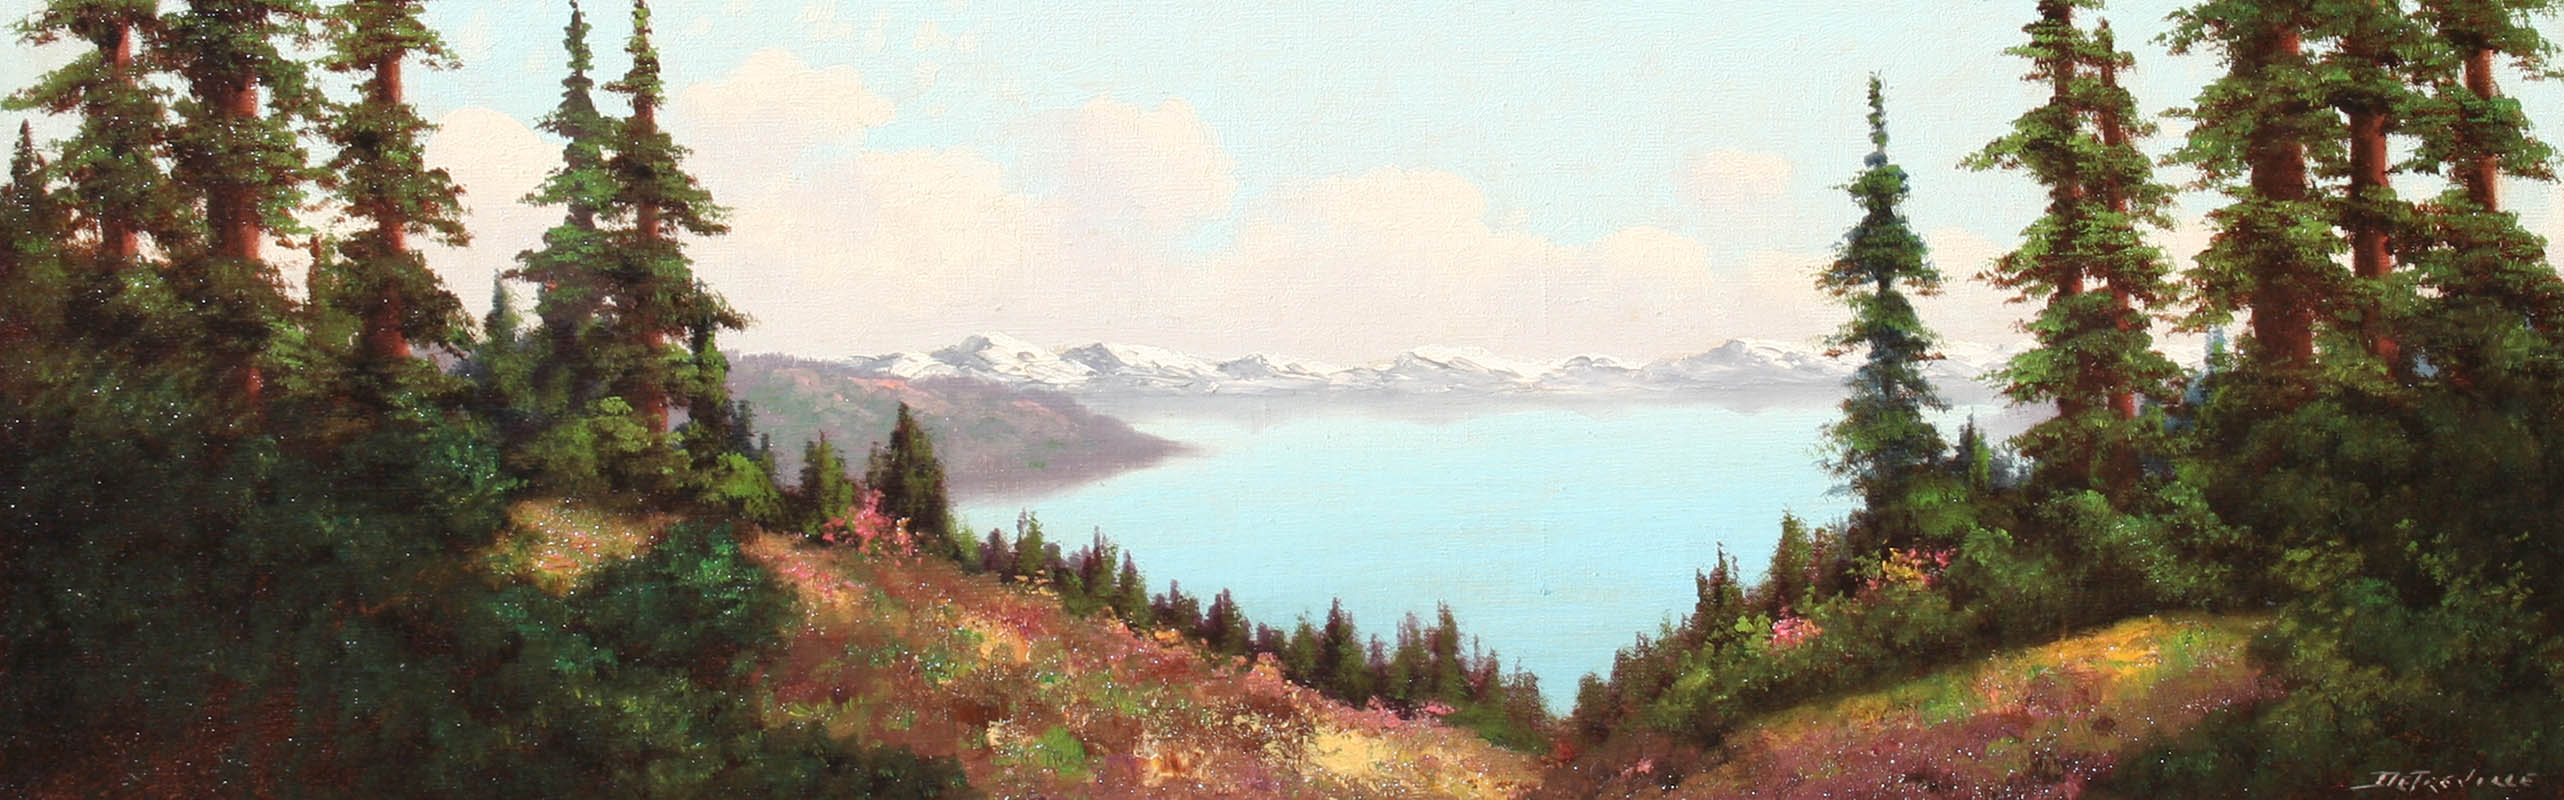 Detreville – Lake Tahoe 10×30.5 8070